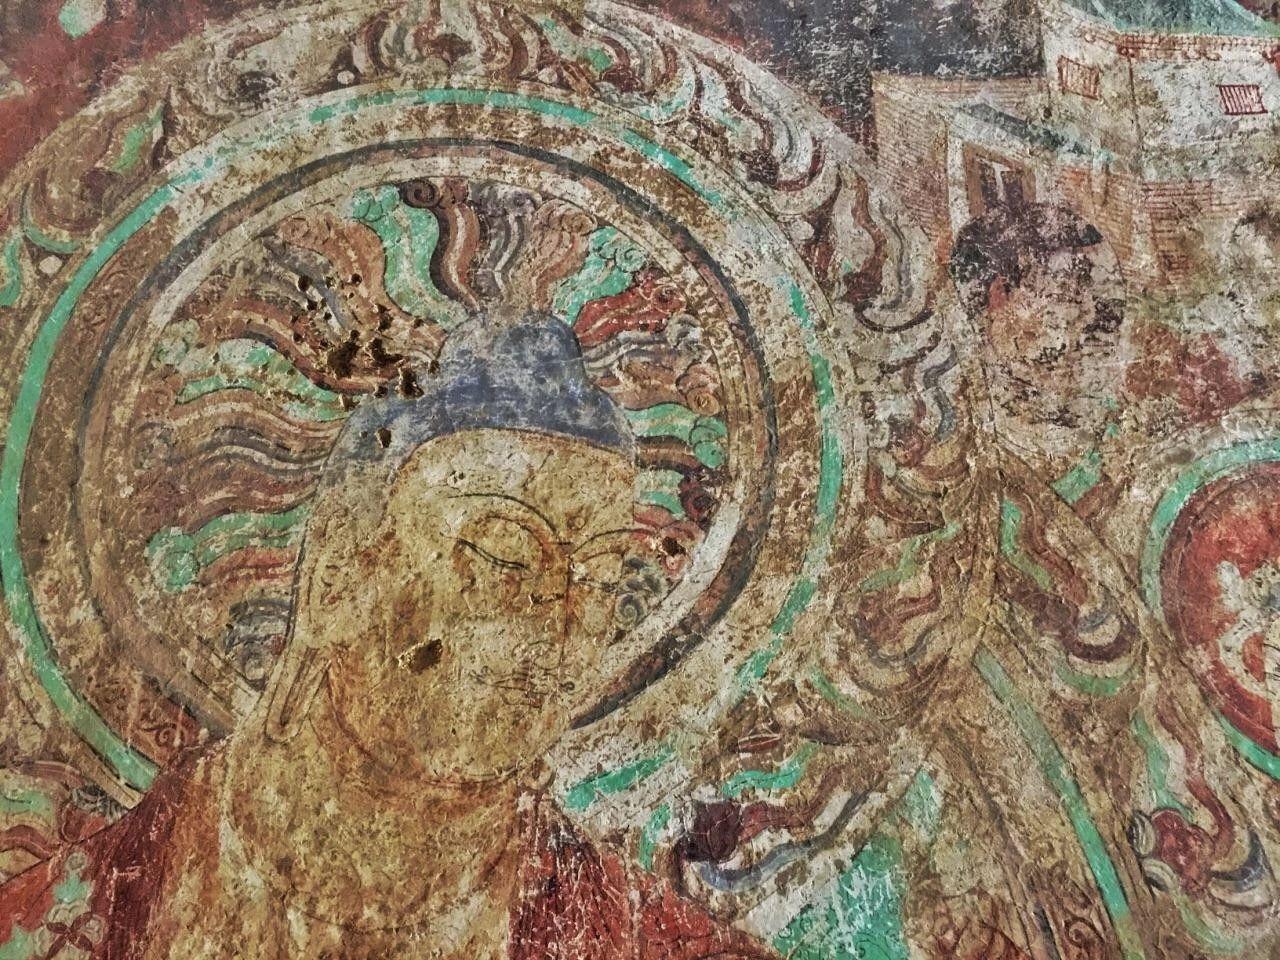 【十一游学】9月29至10月6日,重走新疆丝绸之路,带你穿越千年,看更古老的丝路胜迹!2019